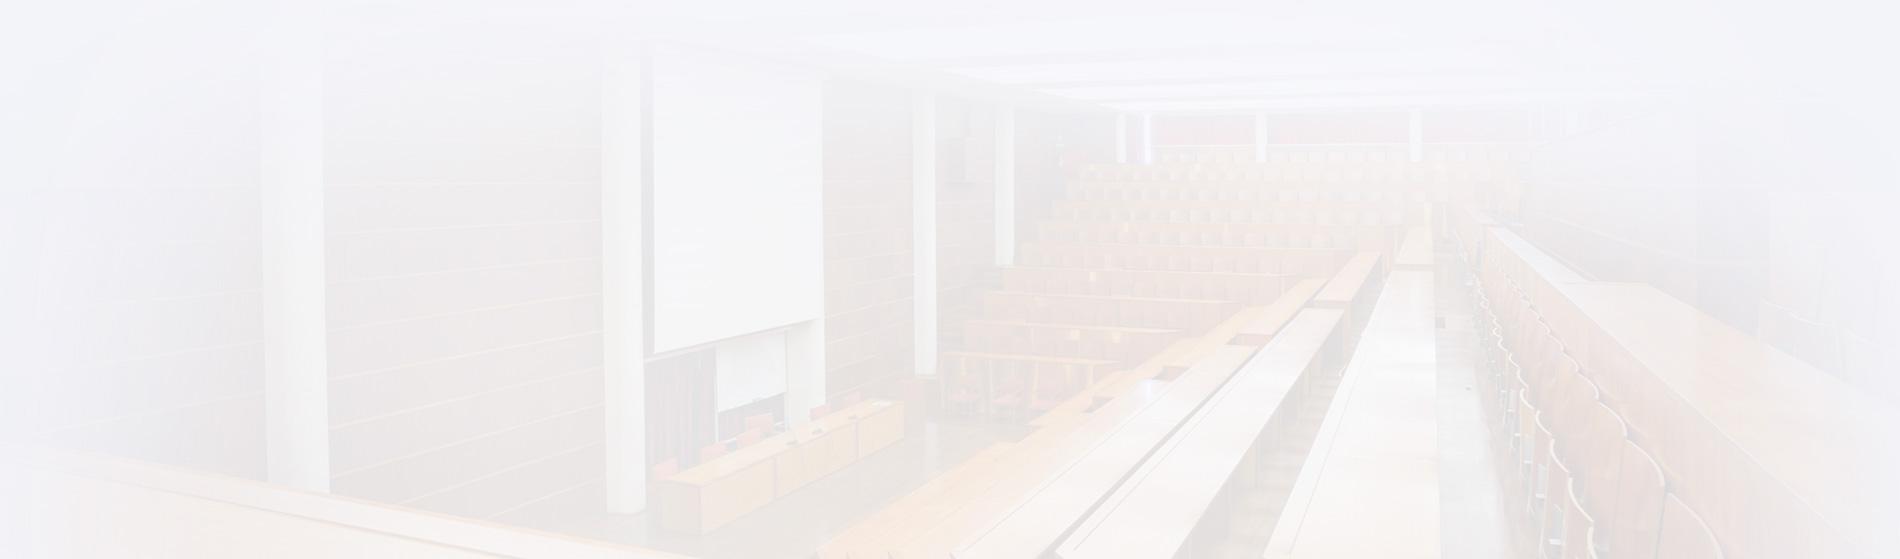 安全+高密场景优化 专为智慧校园设计的无线方案